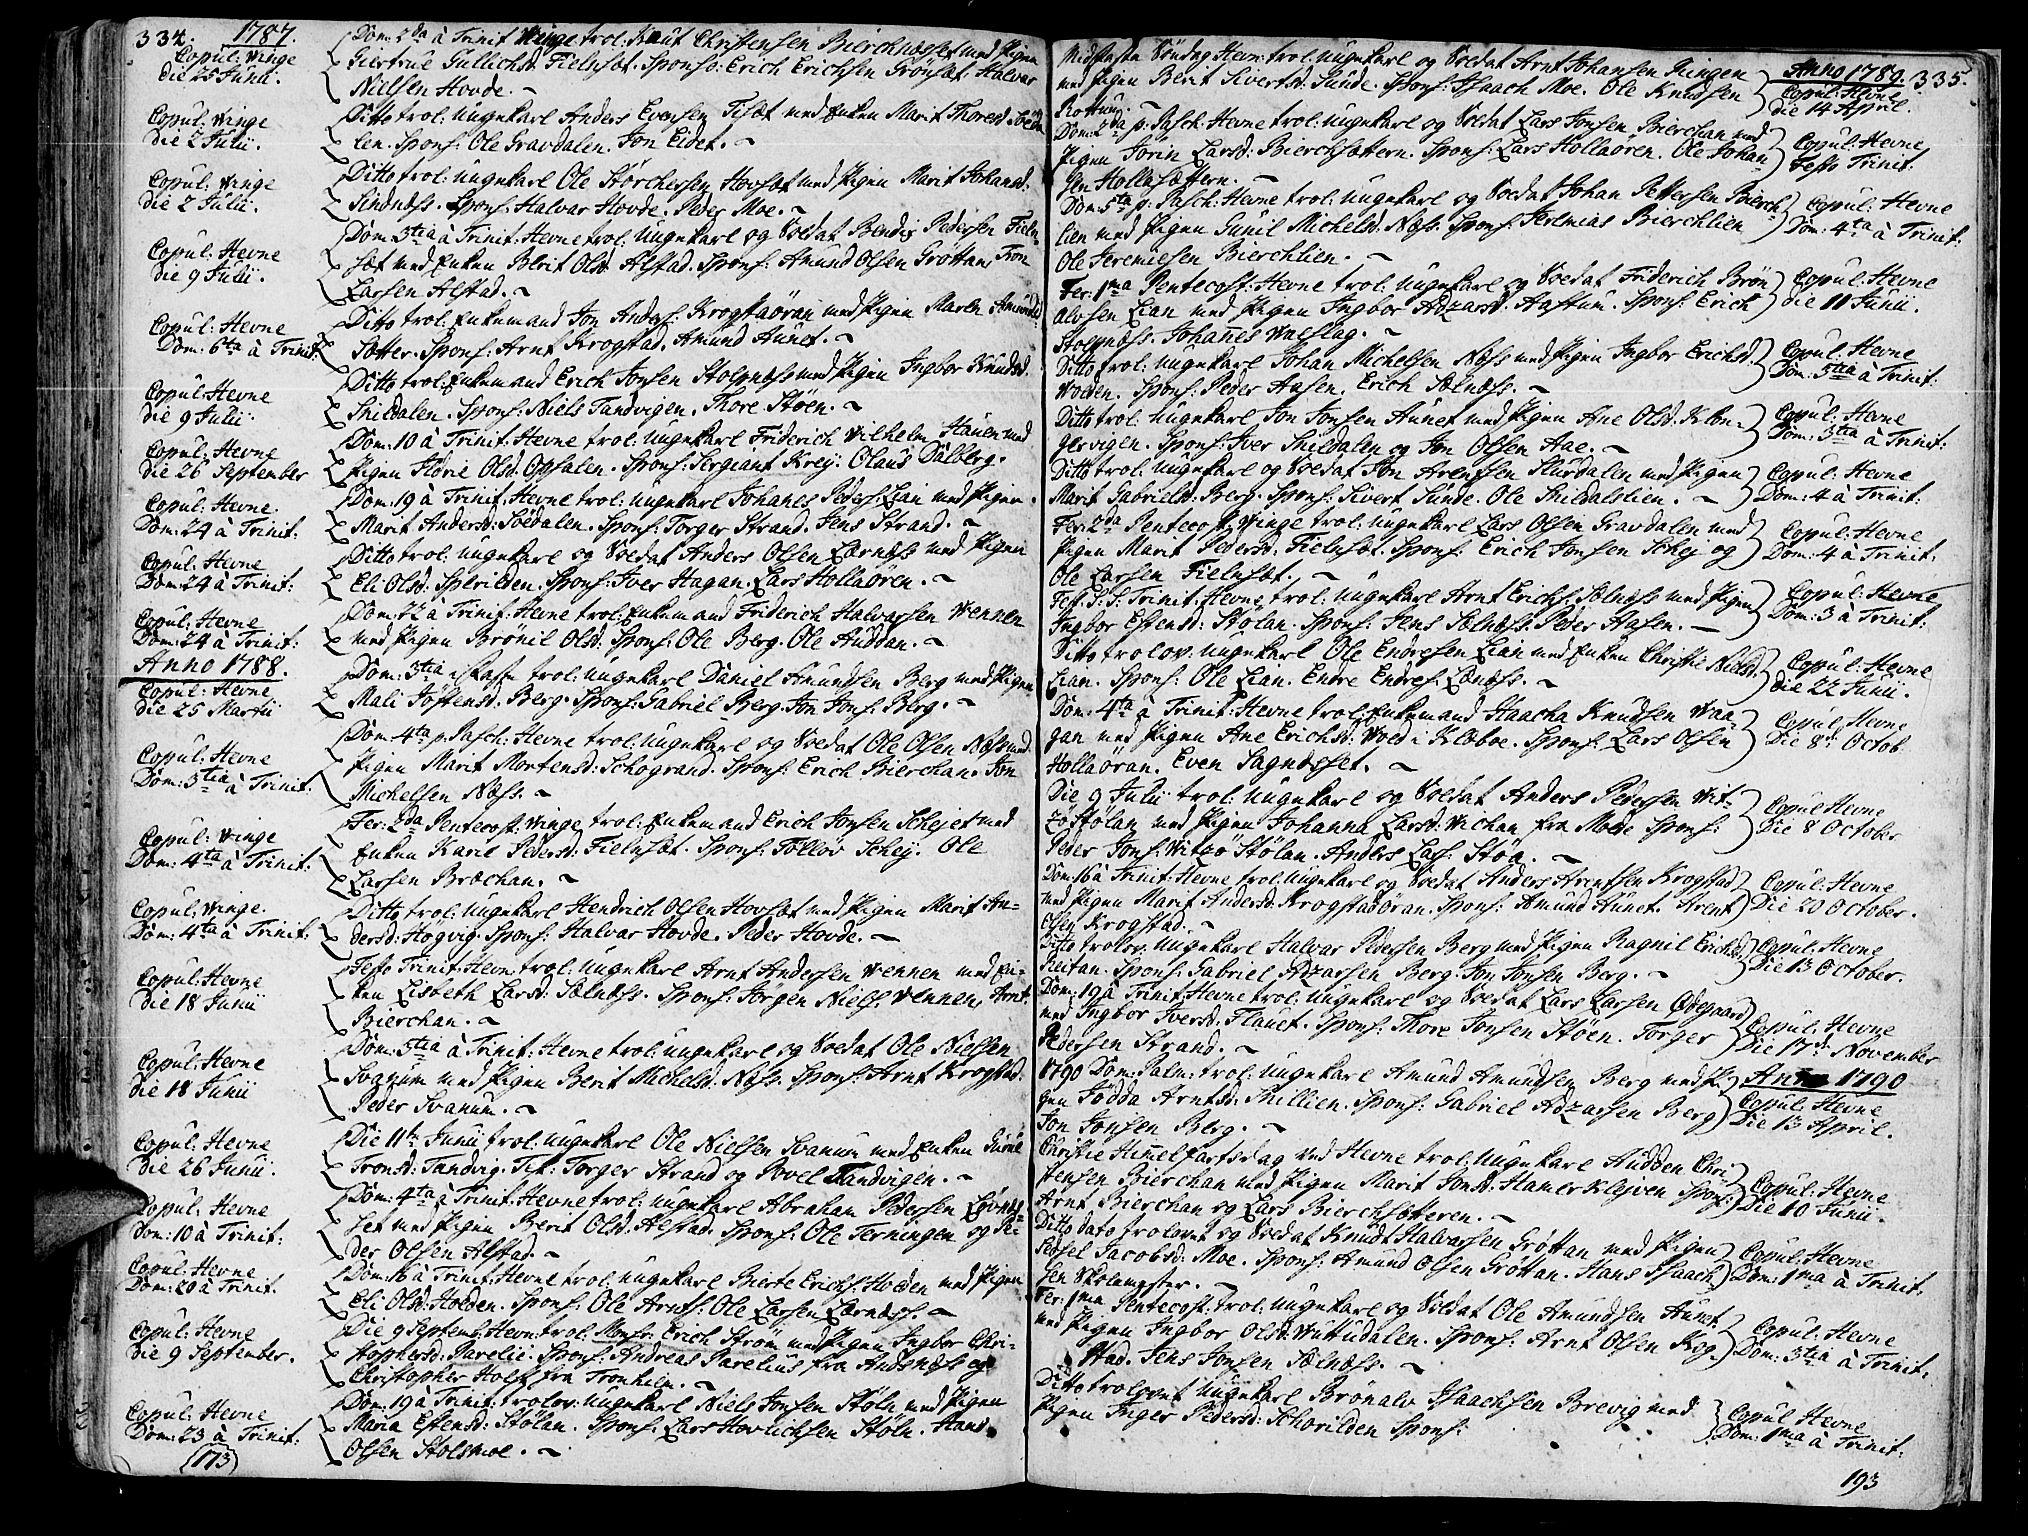 SAT, Ministerialprotokoller, klokkerbøker og fødselsregistre - Sør-Trøndelag, 630/L0489: Ministerialbok nr. 630A02, 1757-1794, s. 334-335